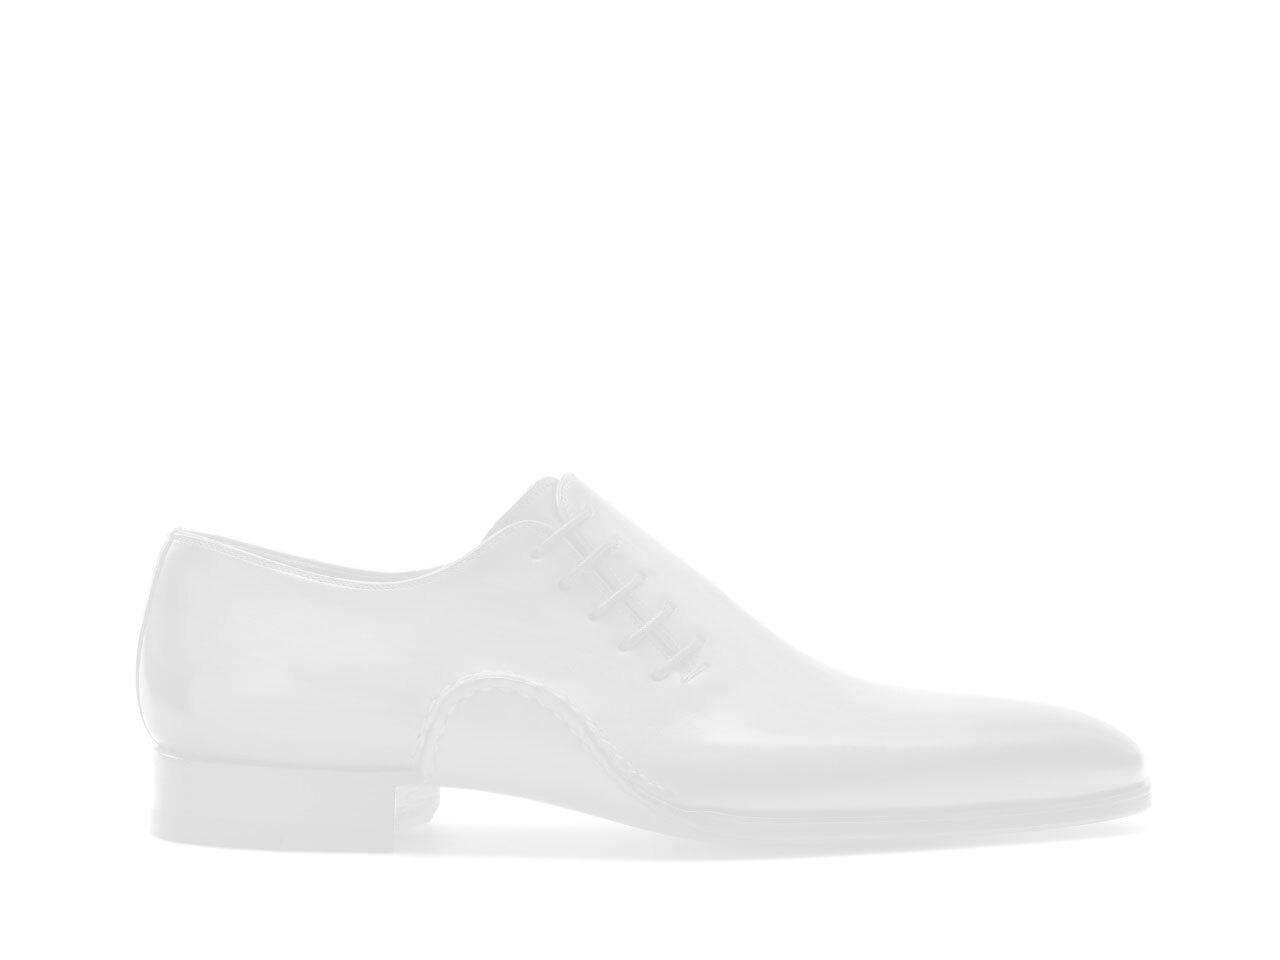 Sole of the Magnanni Cruz Grafito Men's Oxford Shoes